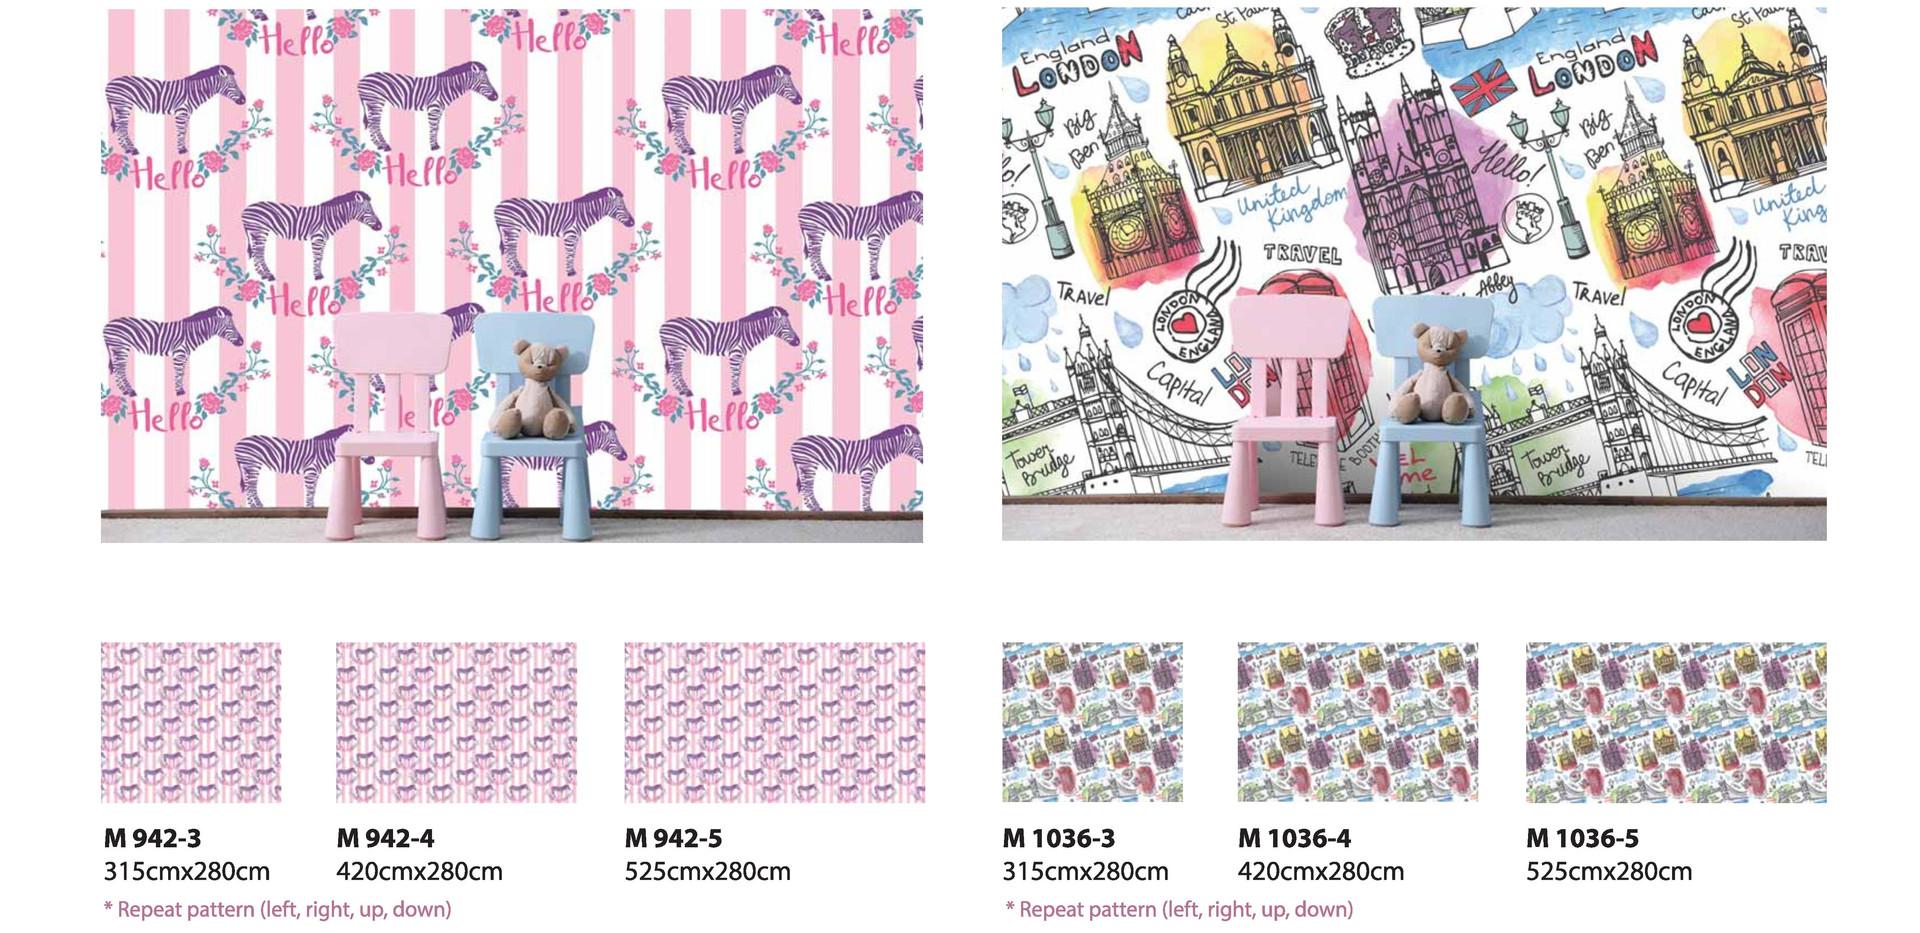 Moneta MURAL katalog-page-069.jpg